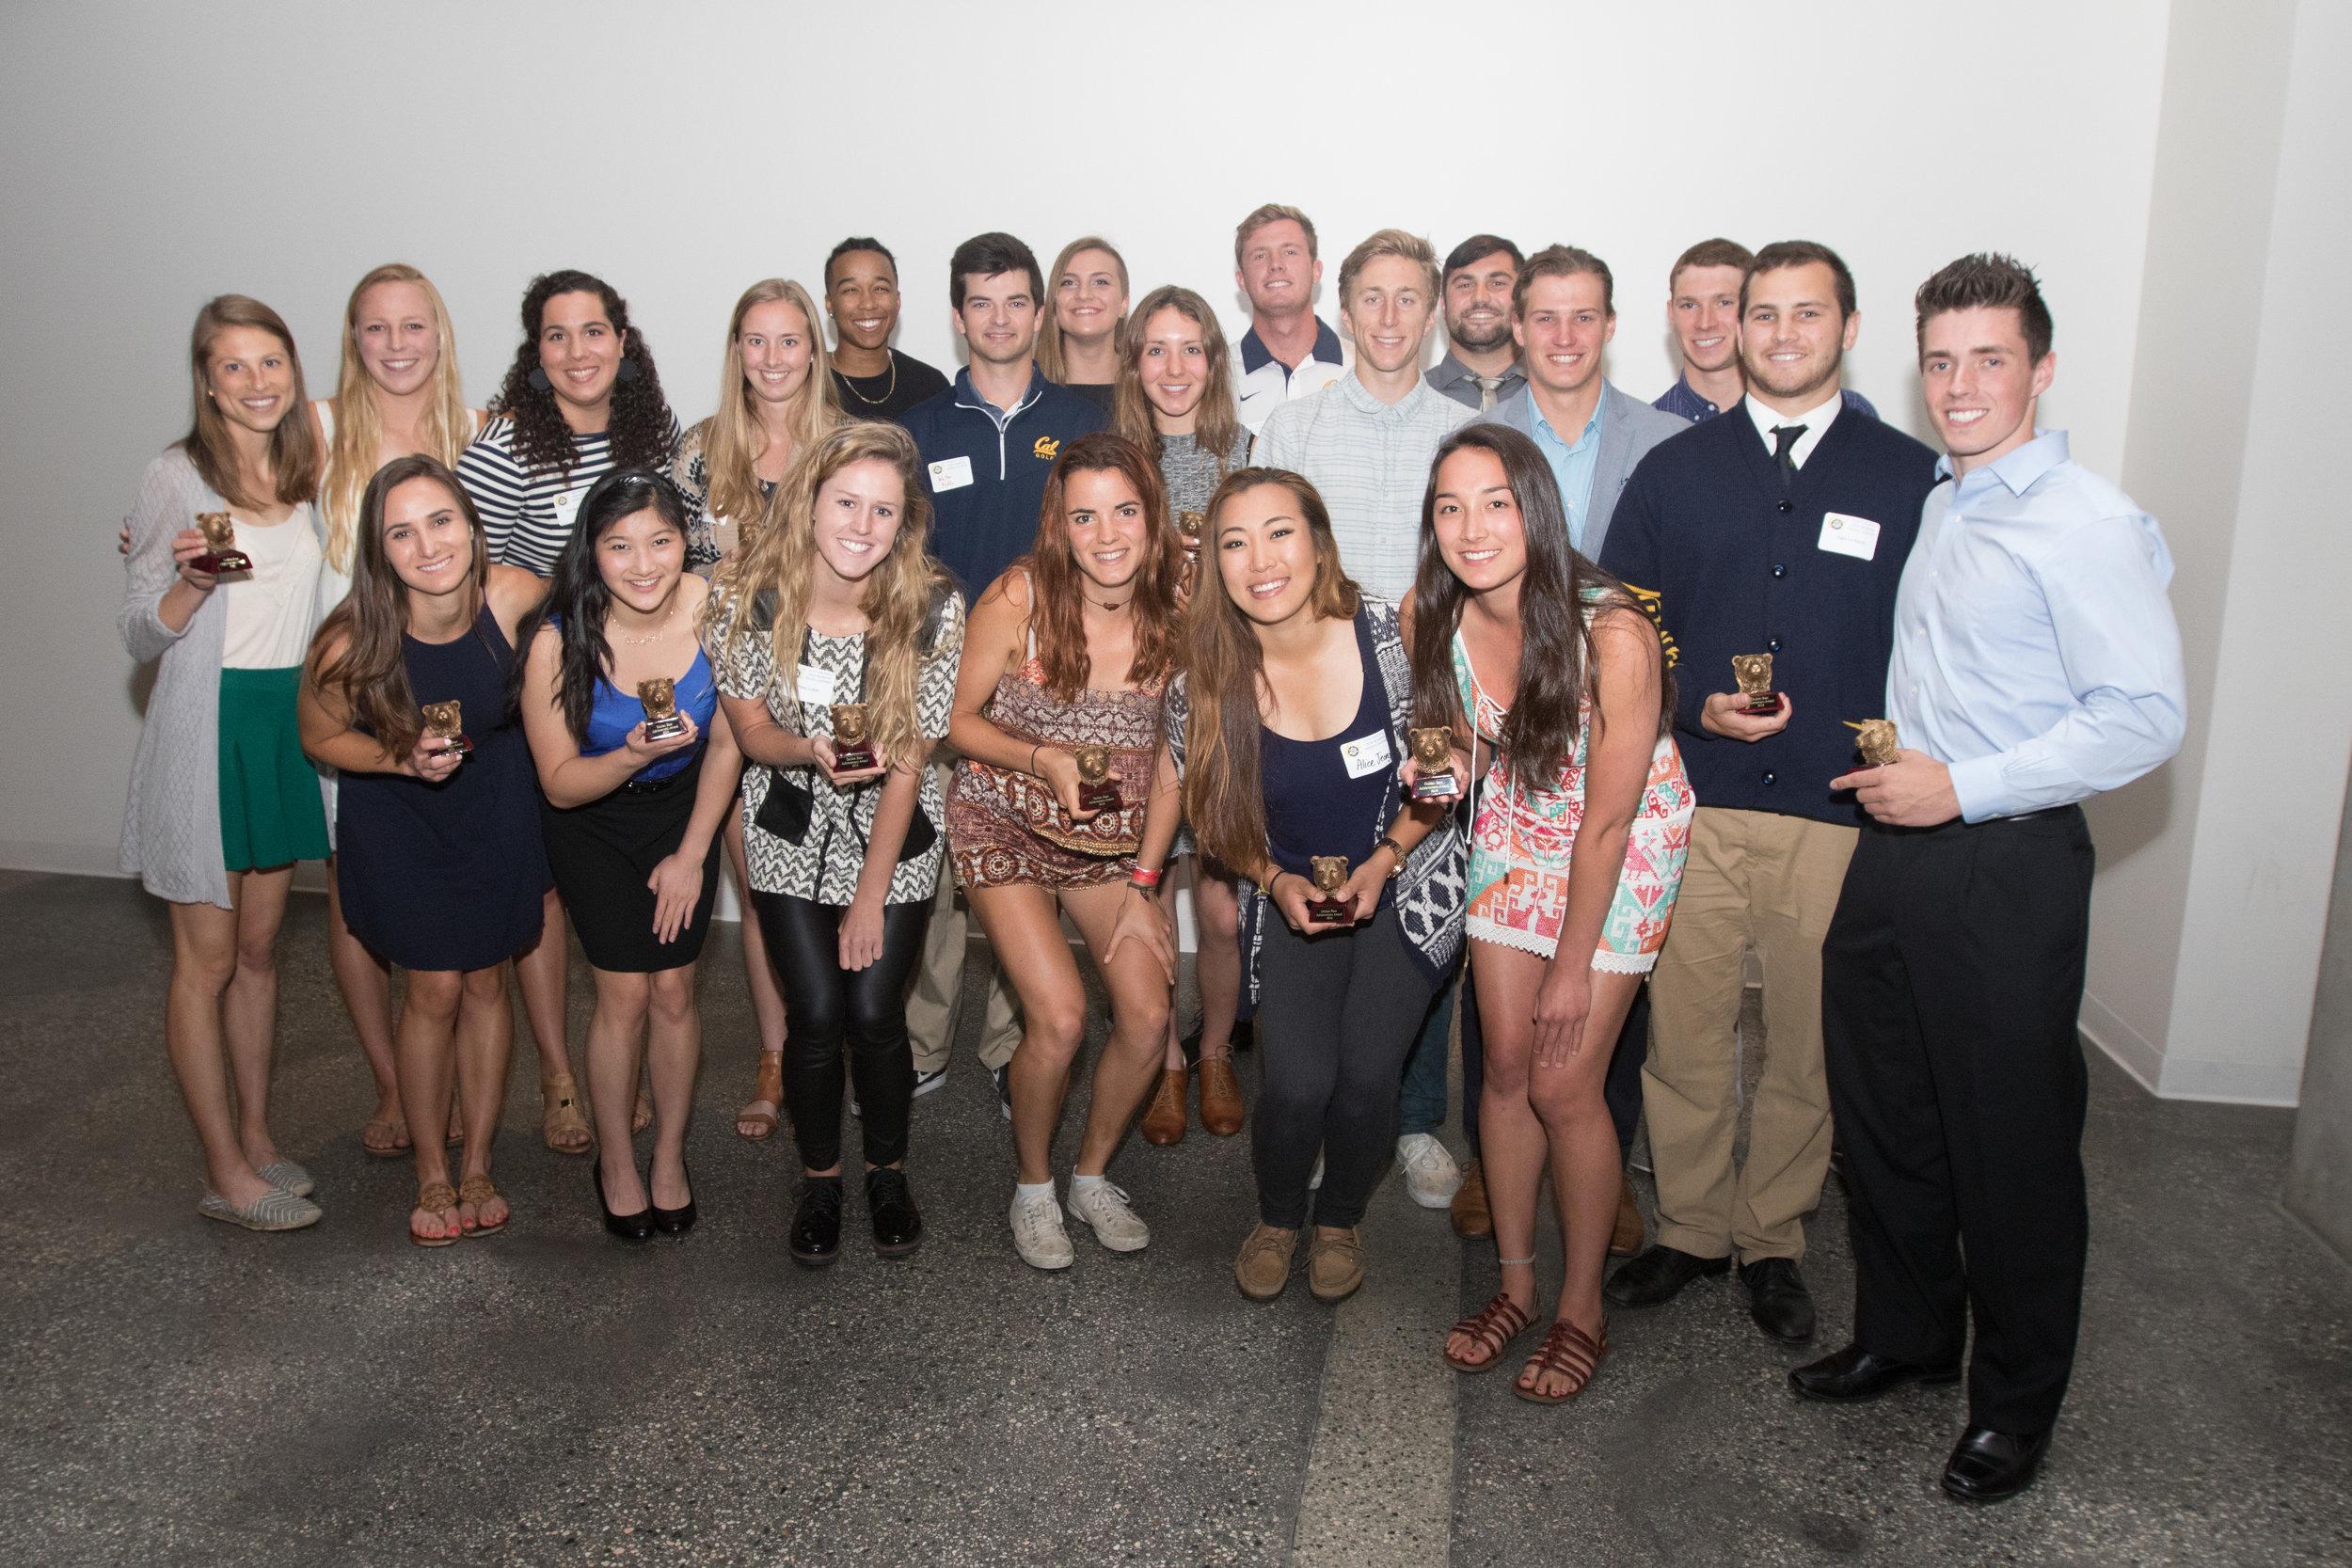 16 Honors Lunch - Golden Bear Award winners 026-DZ.jpg